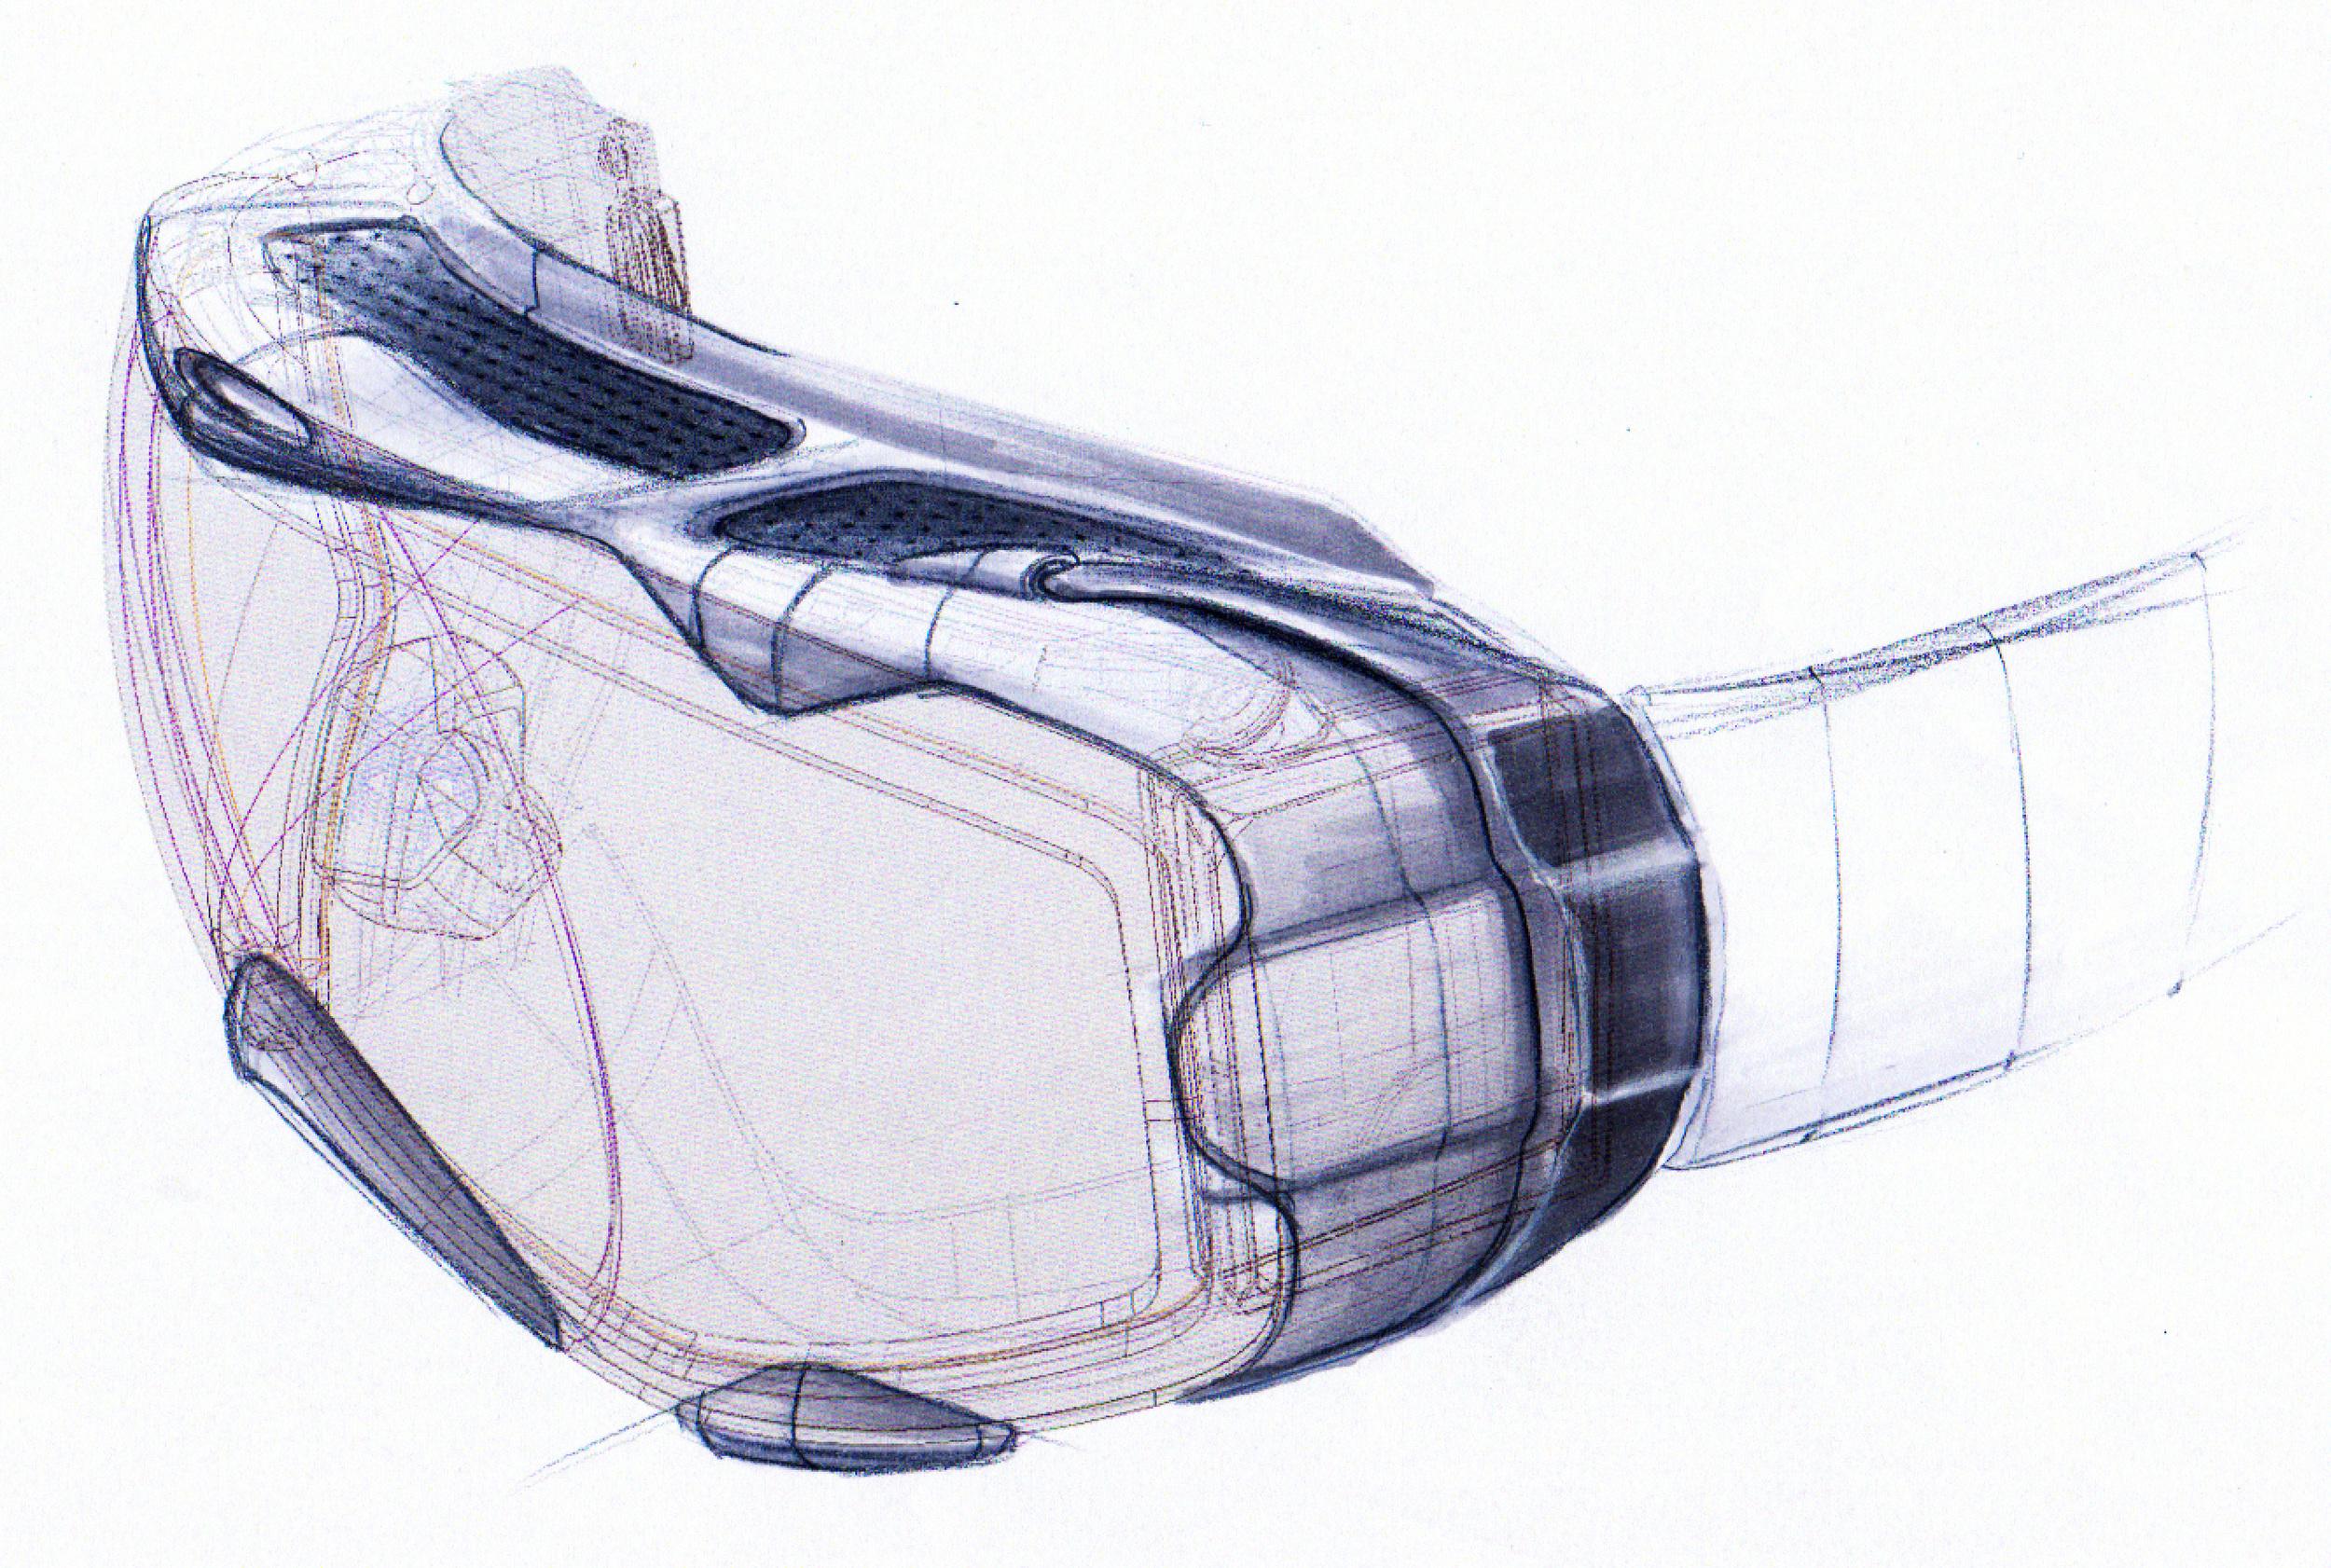 Alpina Sketch Concept 01.jpg